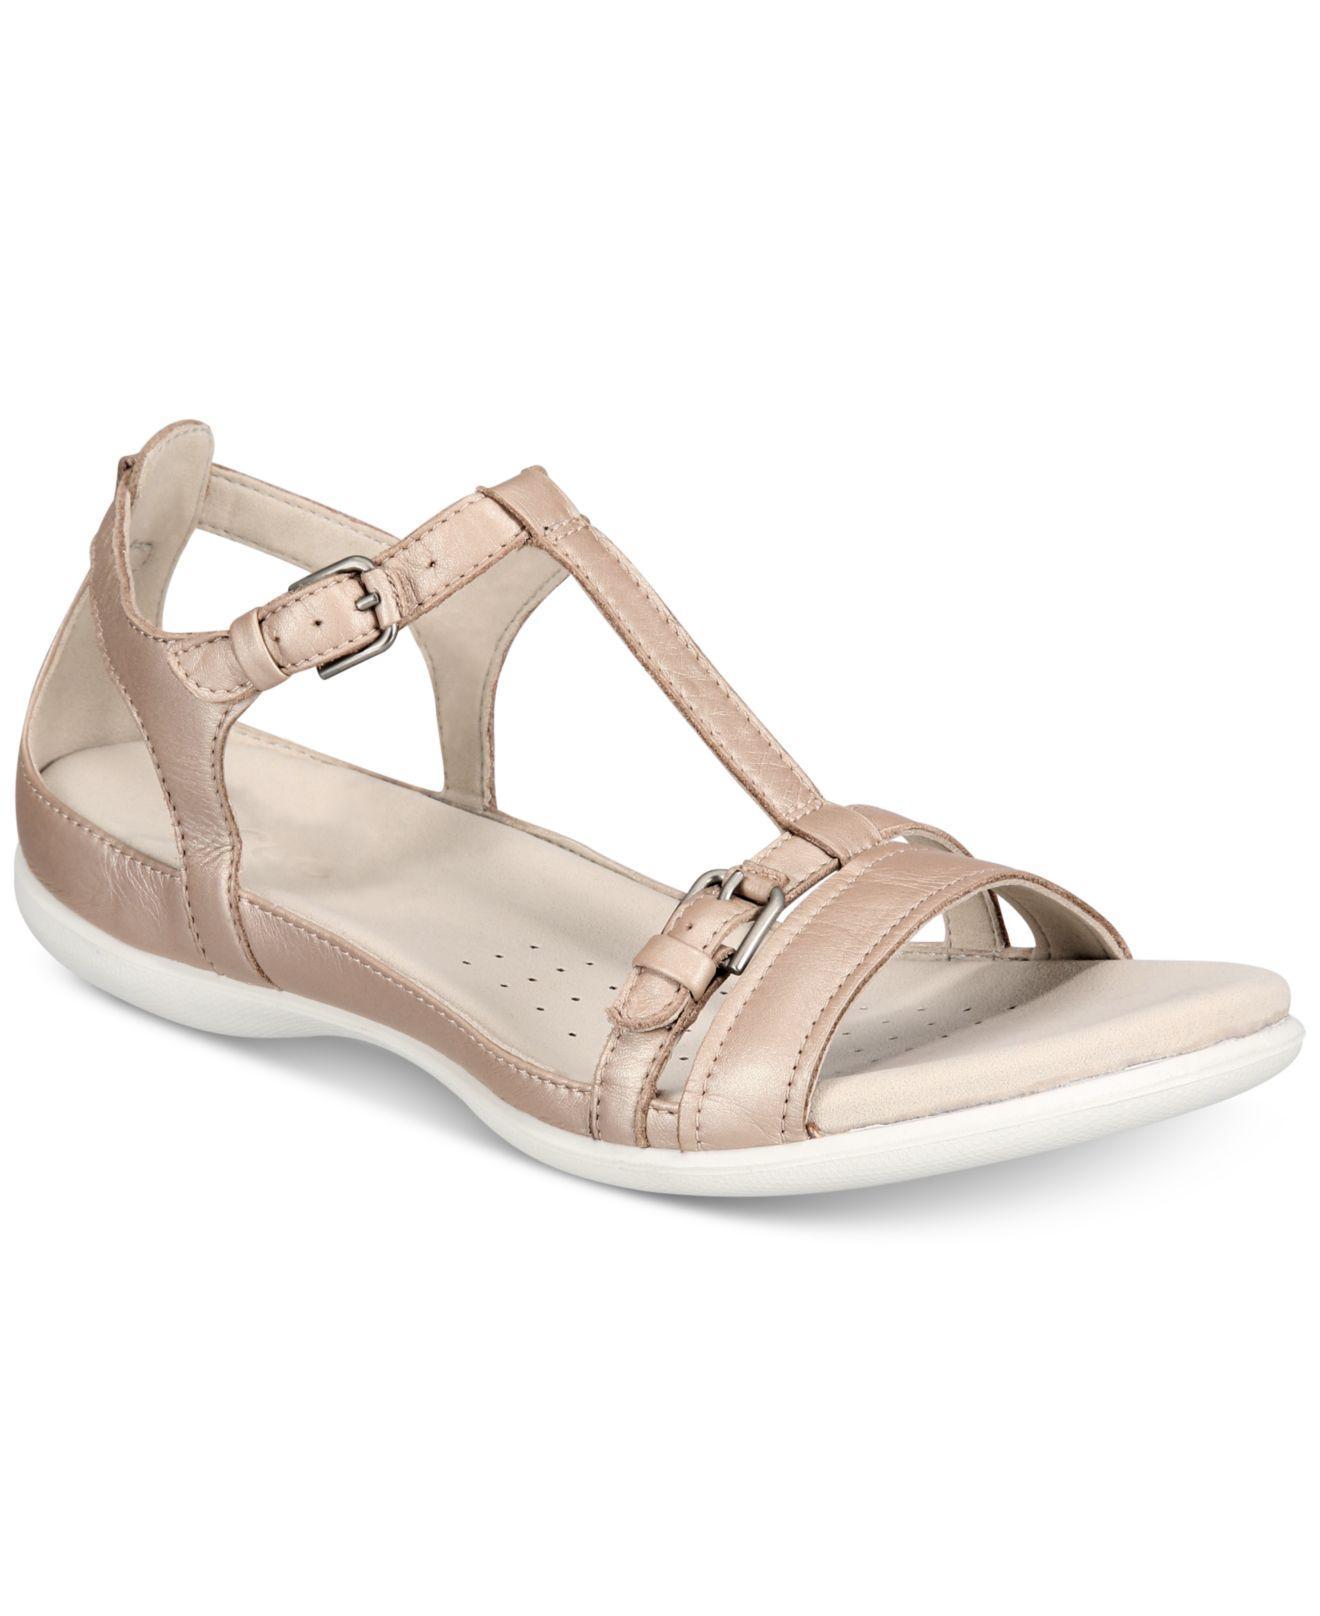 ba801ef65cca Ecco. Women s Flash Buckle Sandals